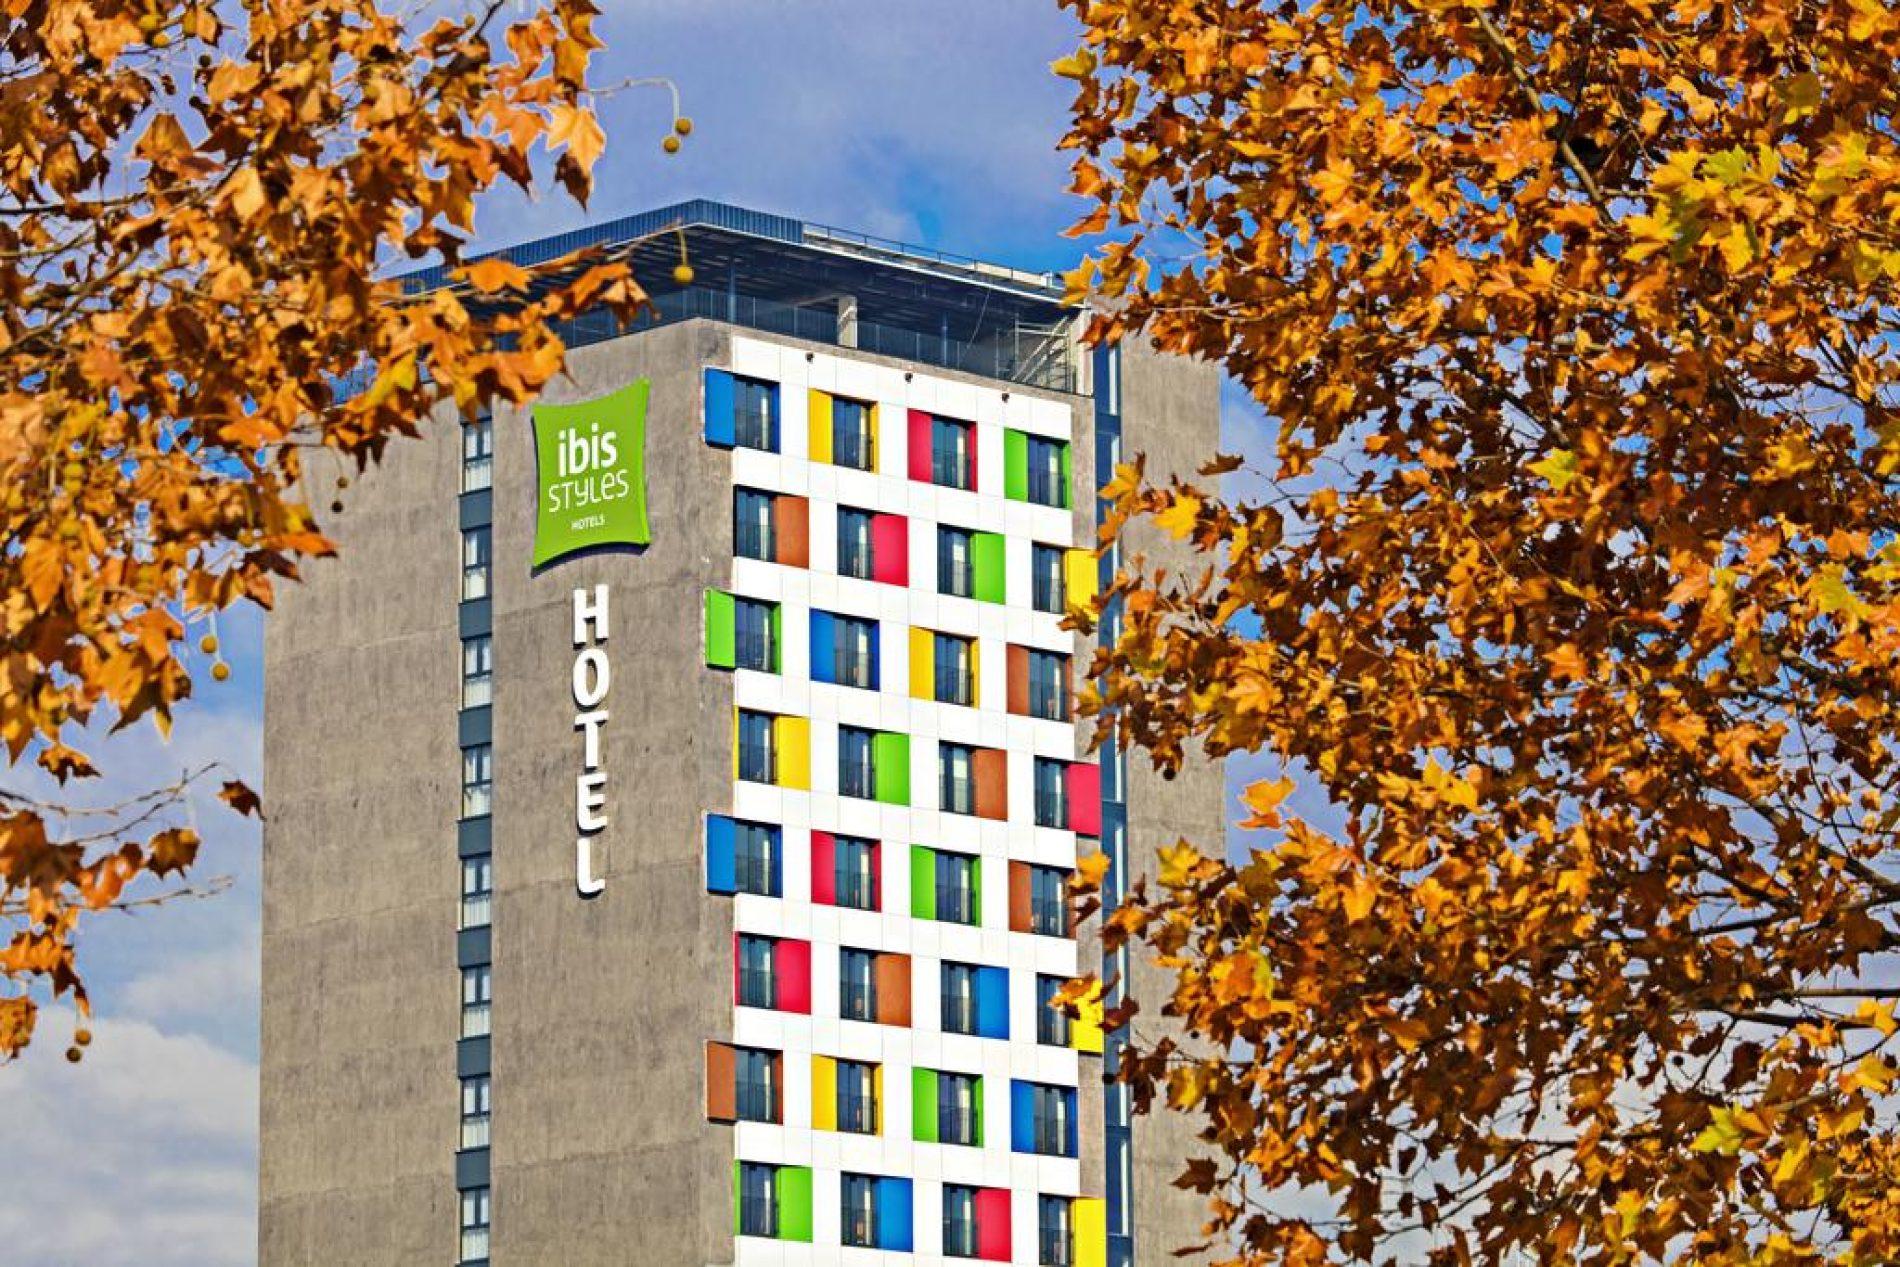 Svi hotelski kapaciteti u bosanskoj prijestolnici bili popunjeni tokom proteklih praznika